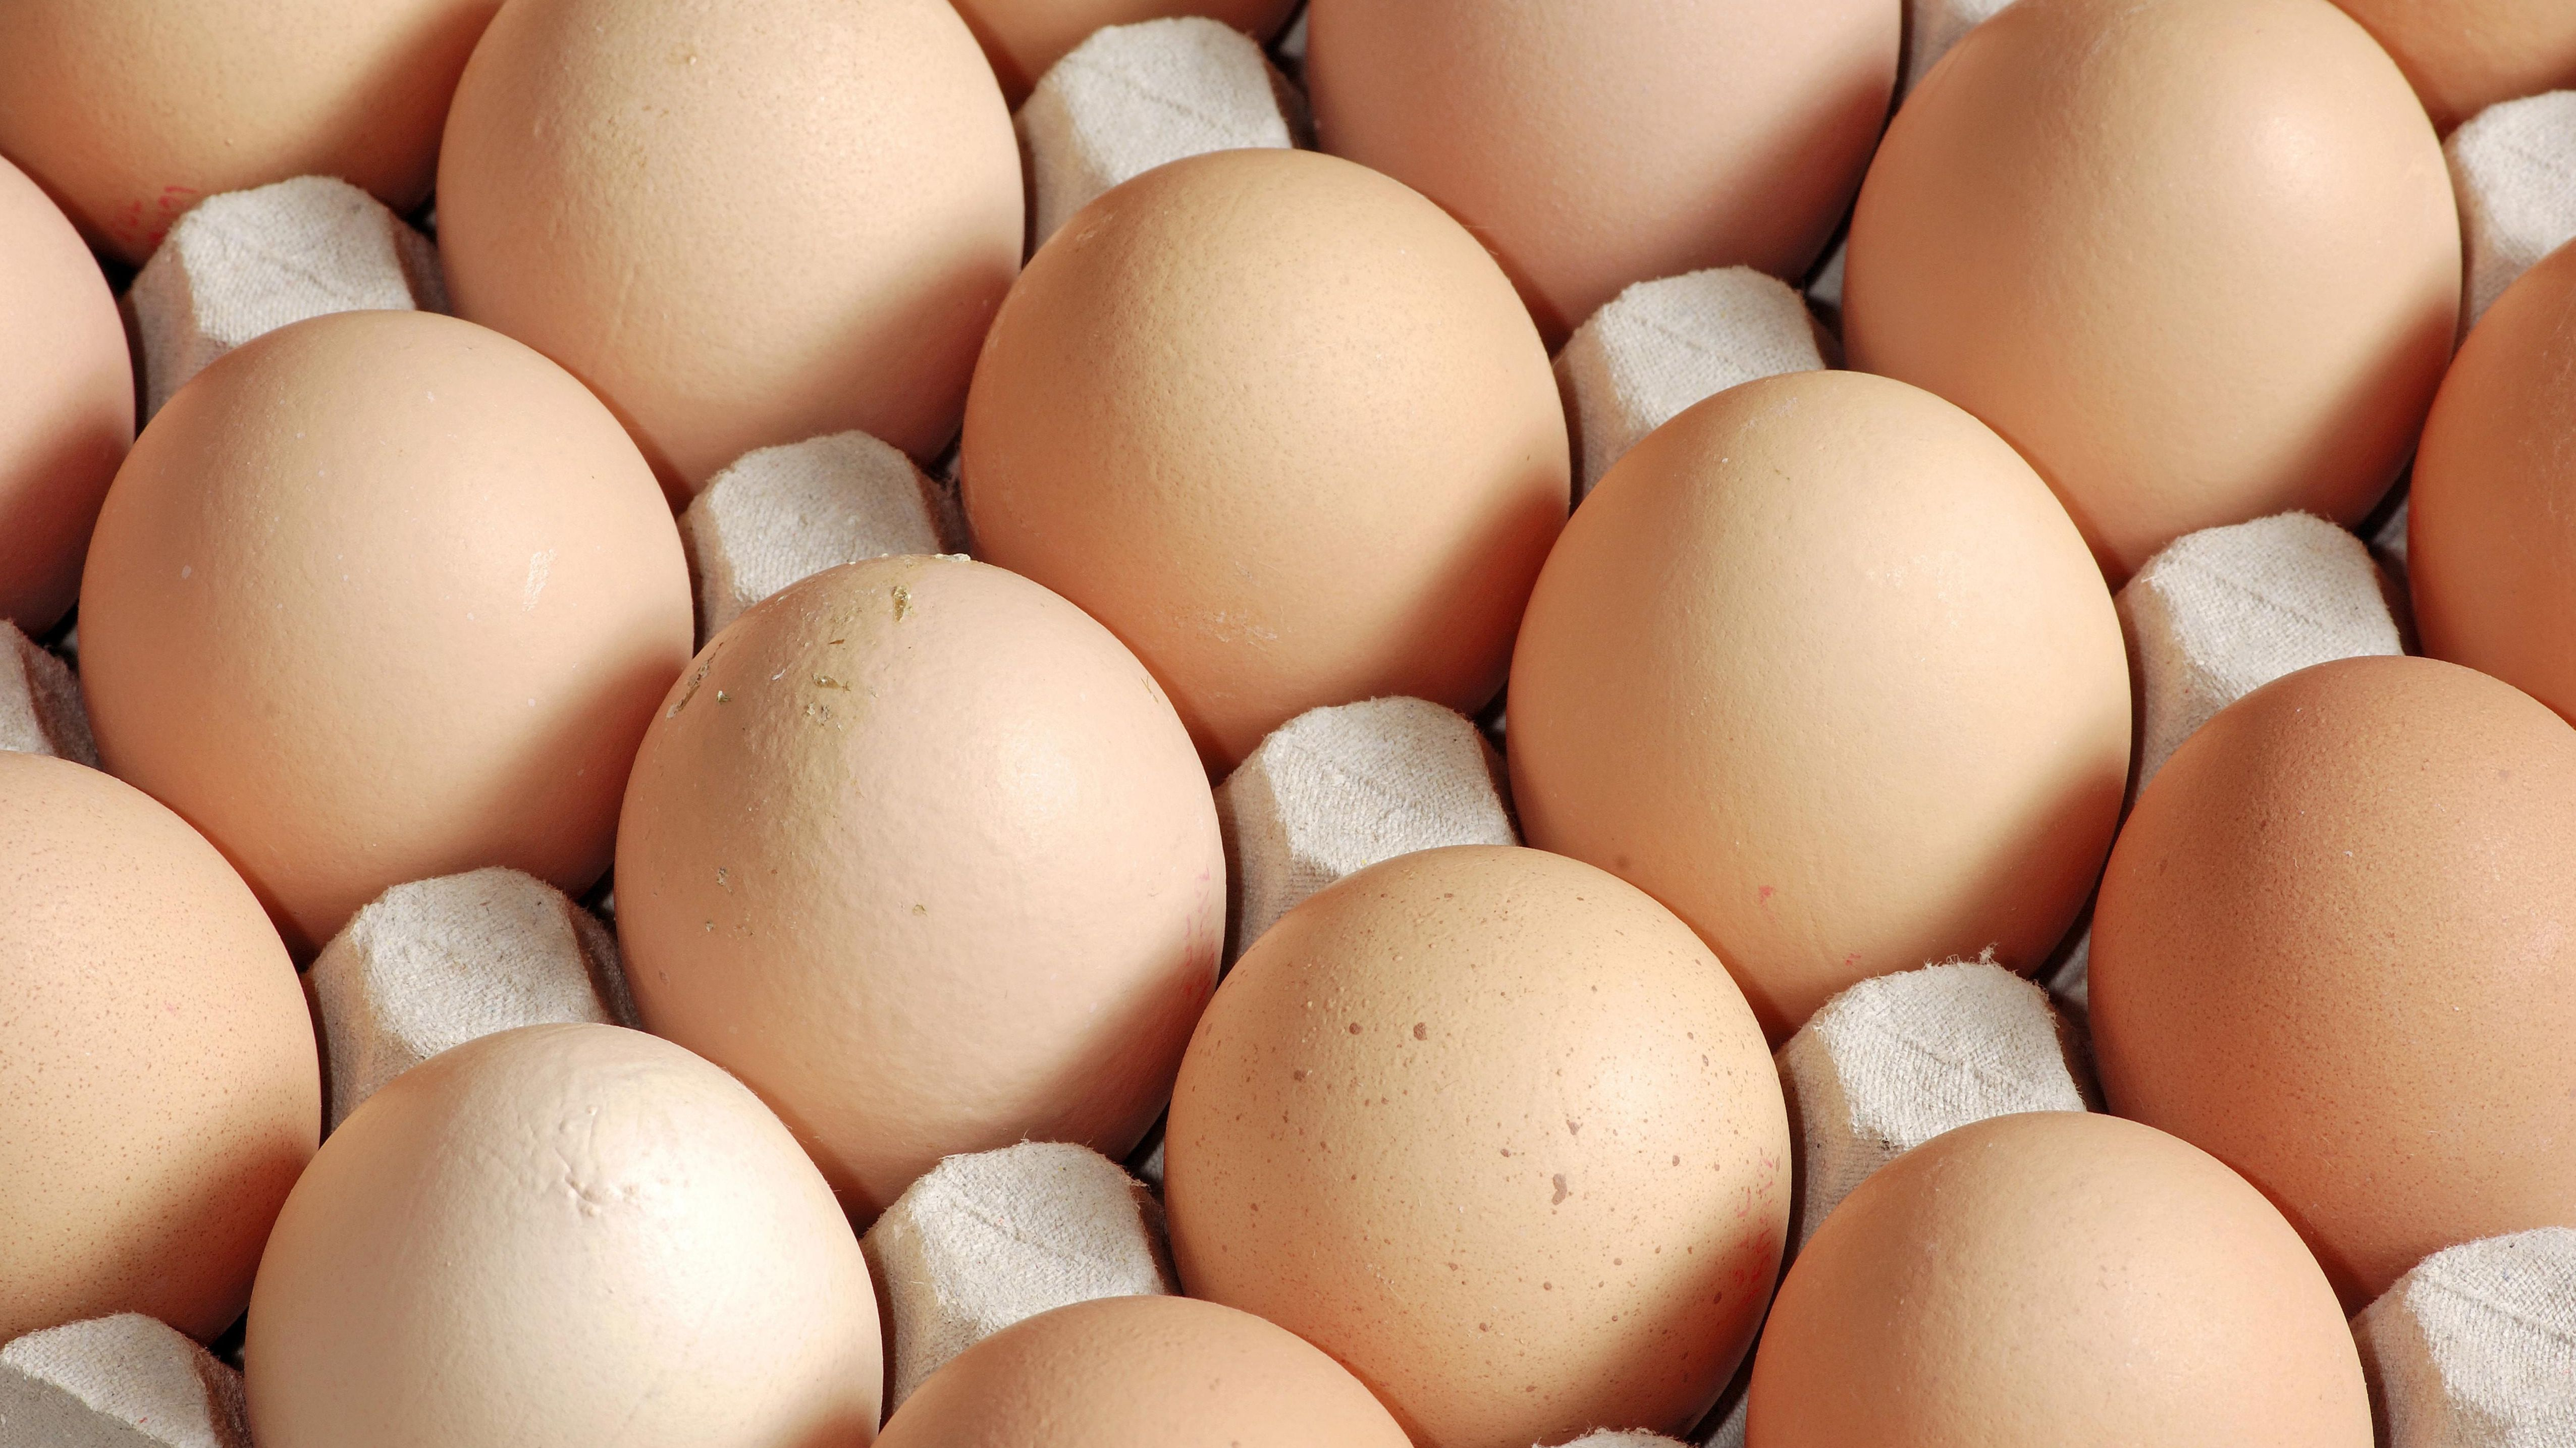 Eier in Verpackung